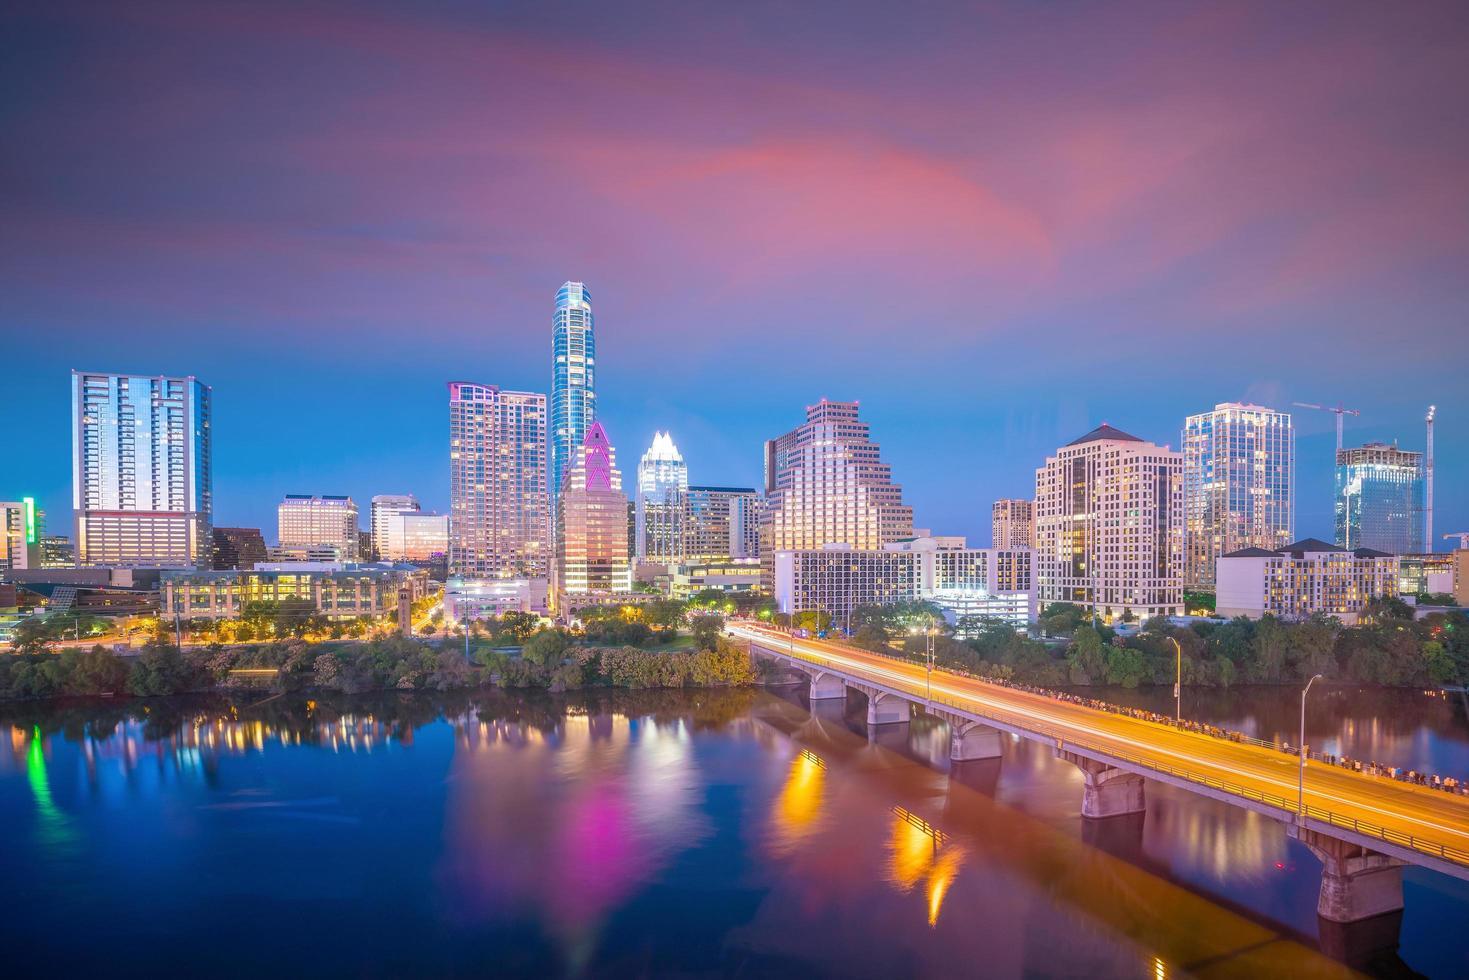 Innenstadt Skyline von Austin Texas USA foto